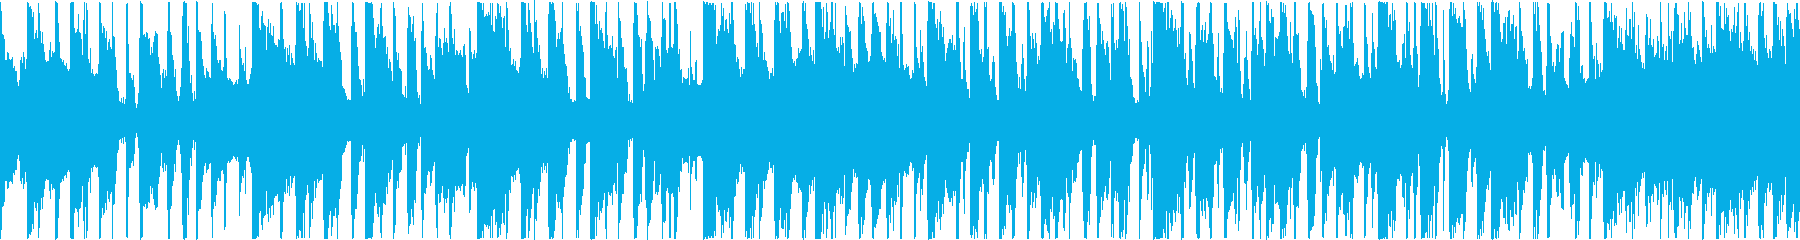 ギター中心のグルーブがループしますの再生済みの波形